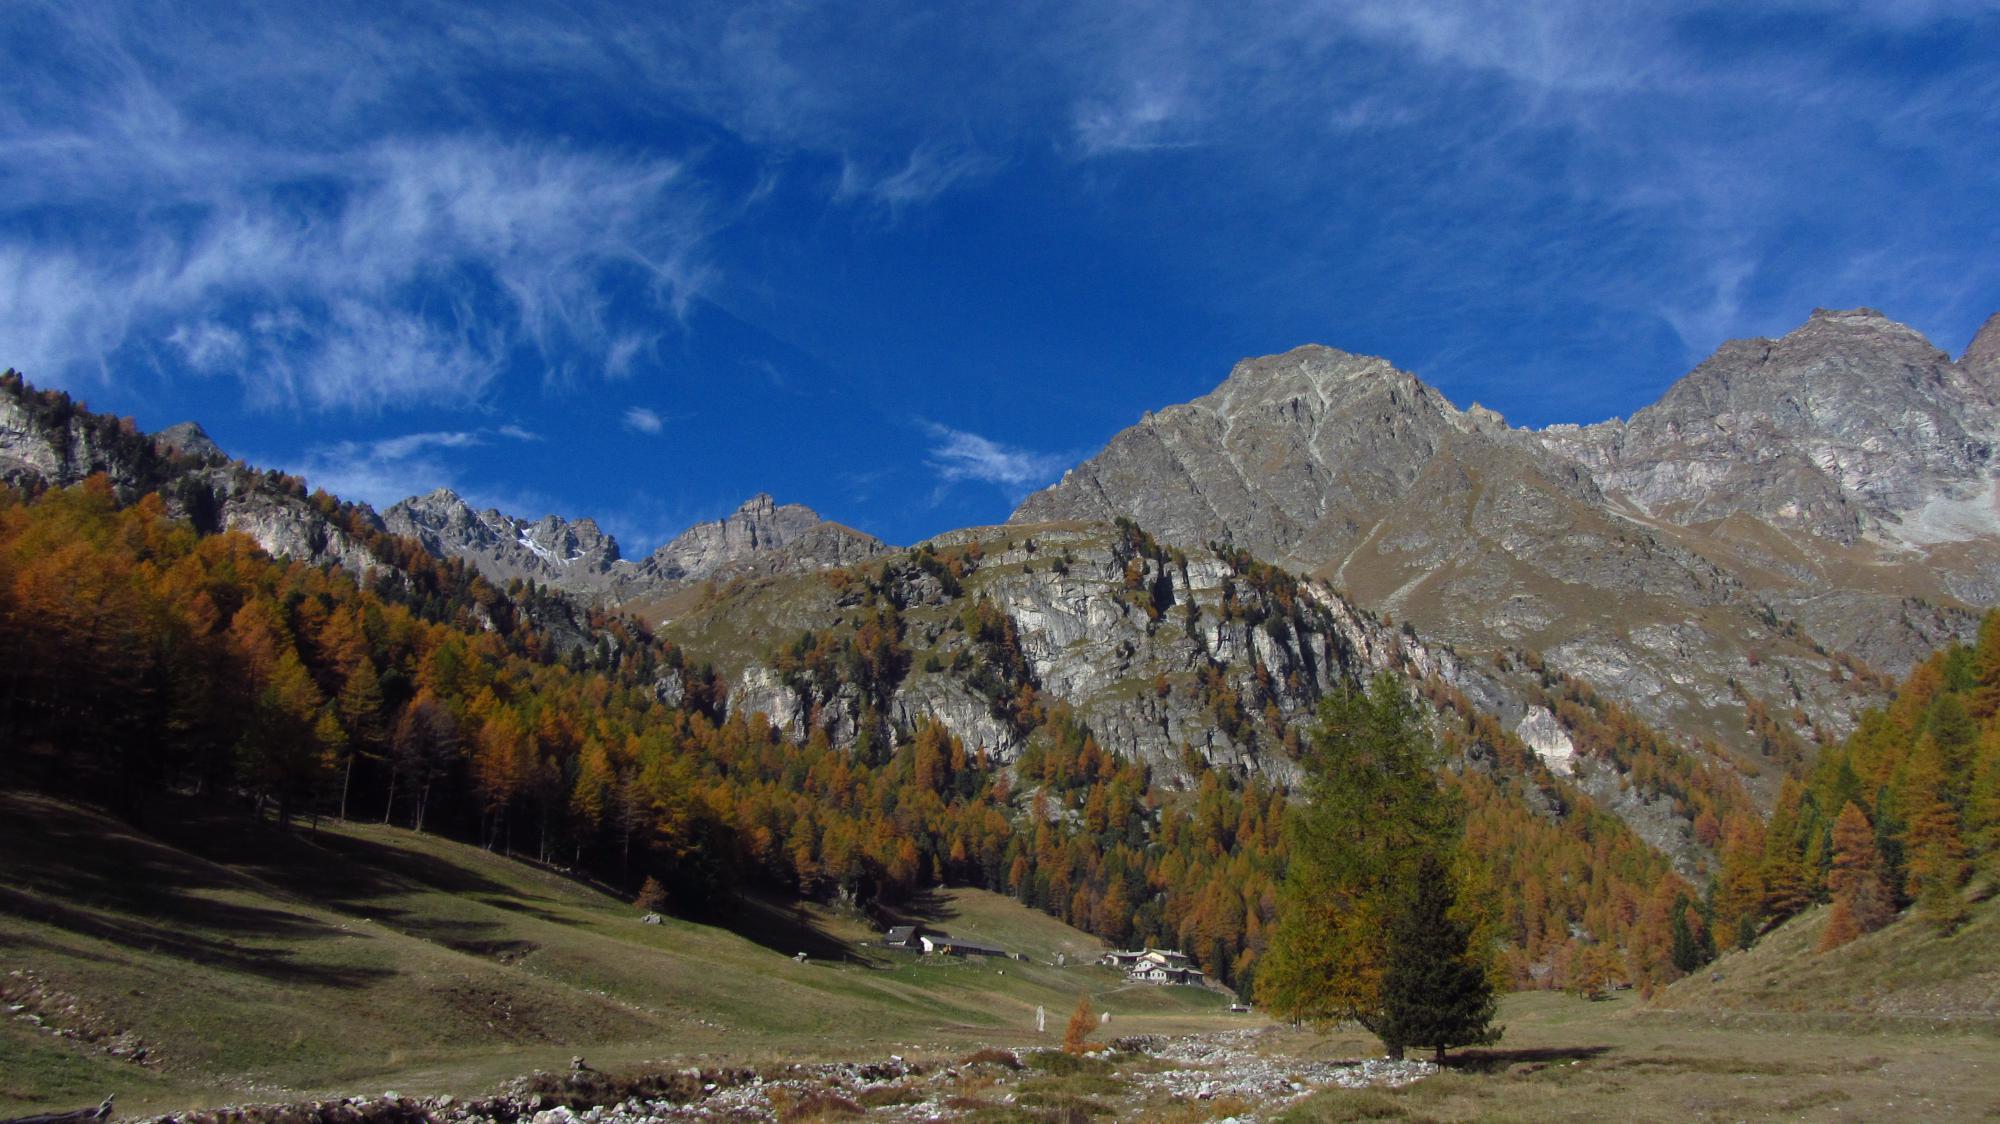 Uno sgurdo verso l'alpe La Servaz